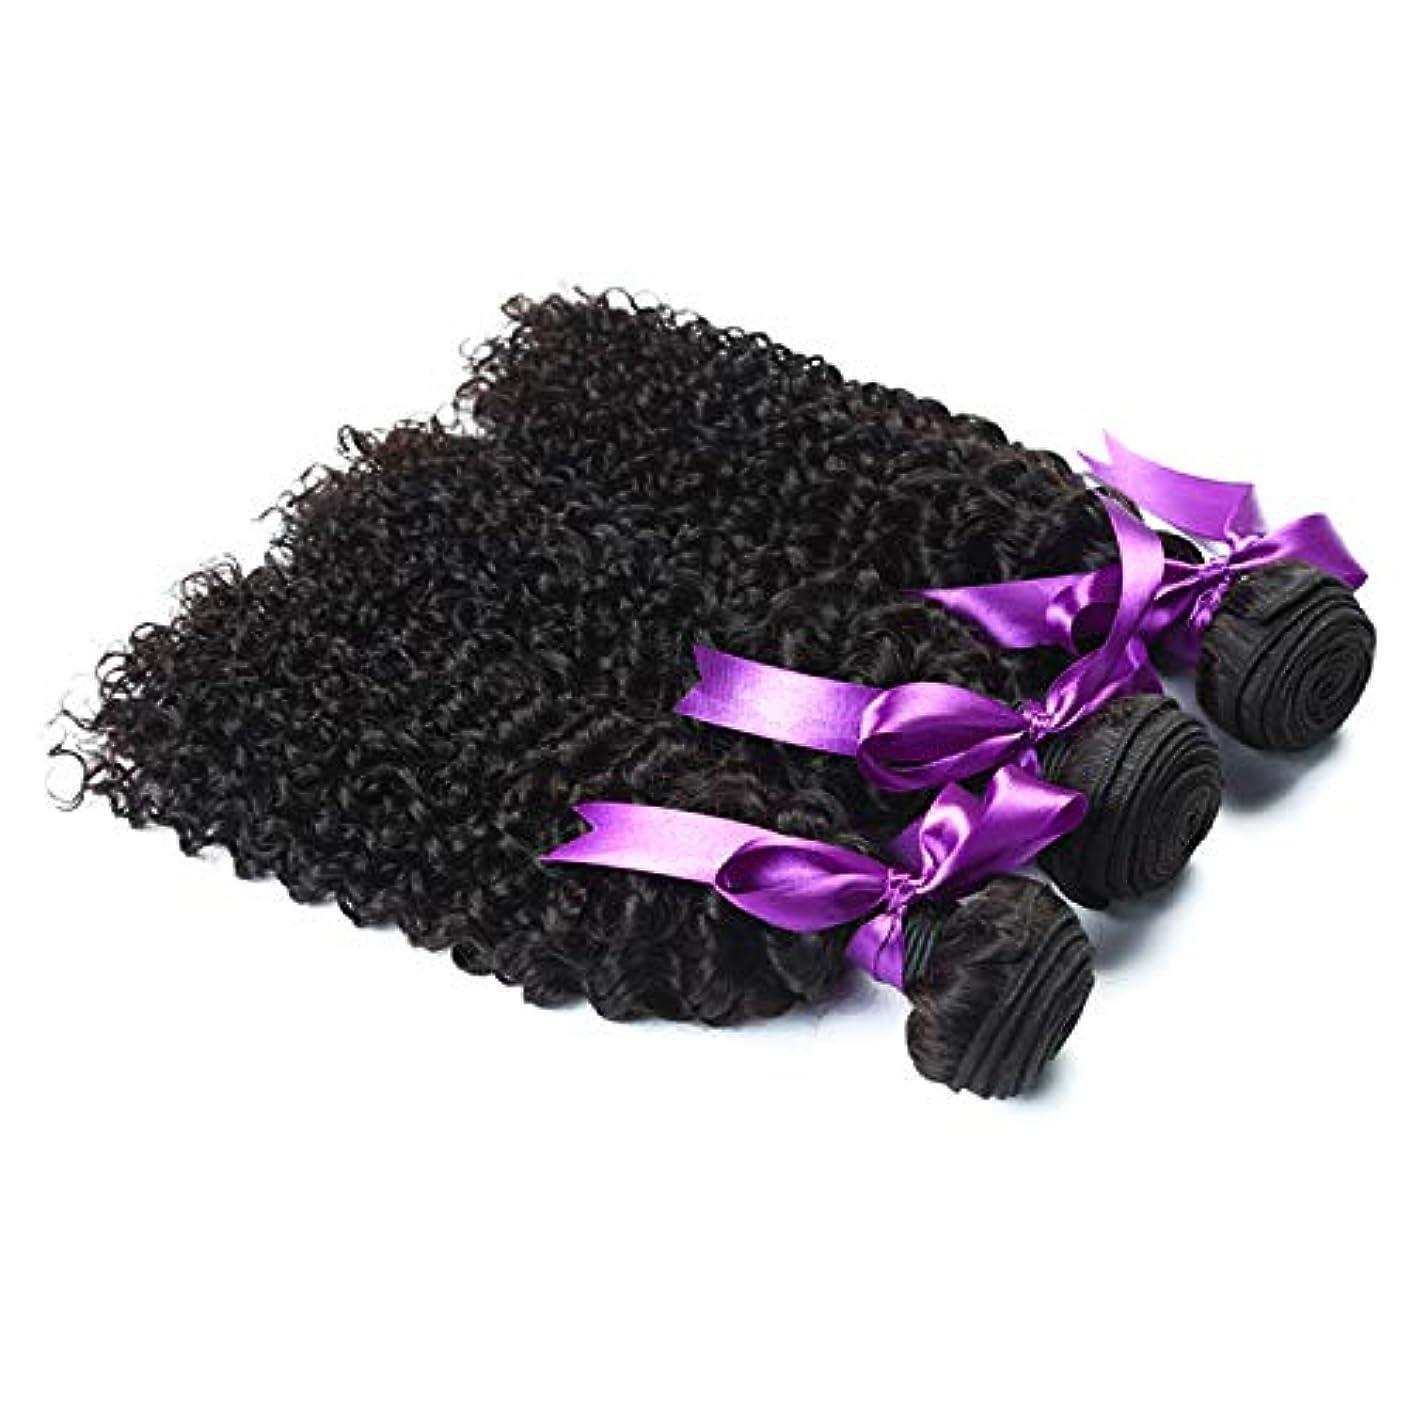 マレーシアの変態巻き毛3束お得な価格非Remy人間の髪織りエクステンションナチュラルブラック人間の髪の毛のかつら (Length : 10 12 12)